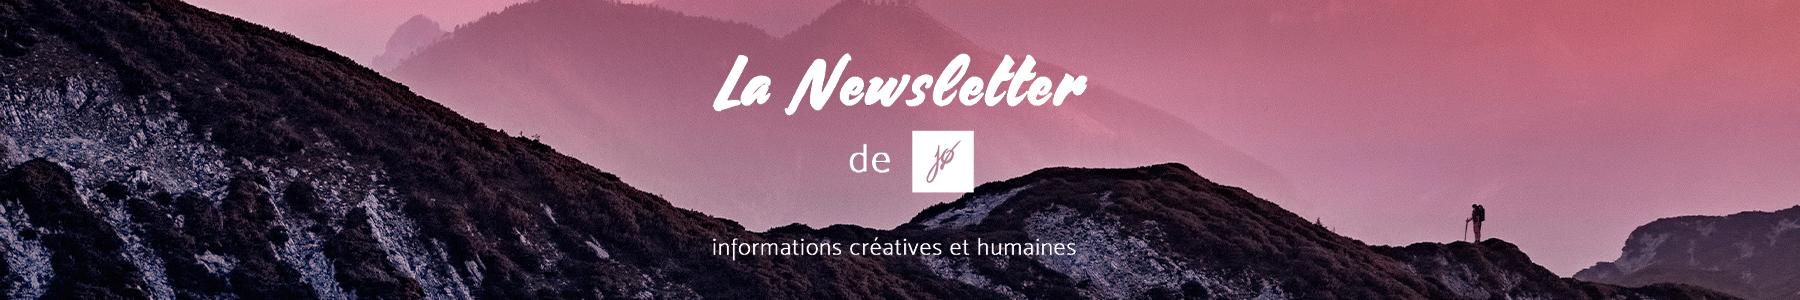 banniere_newsletter_jolan_berard